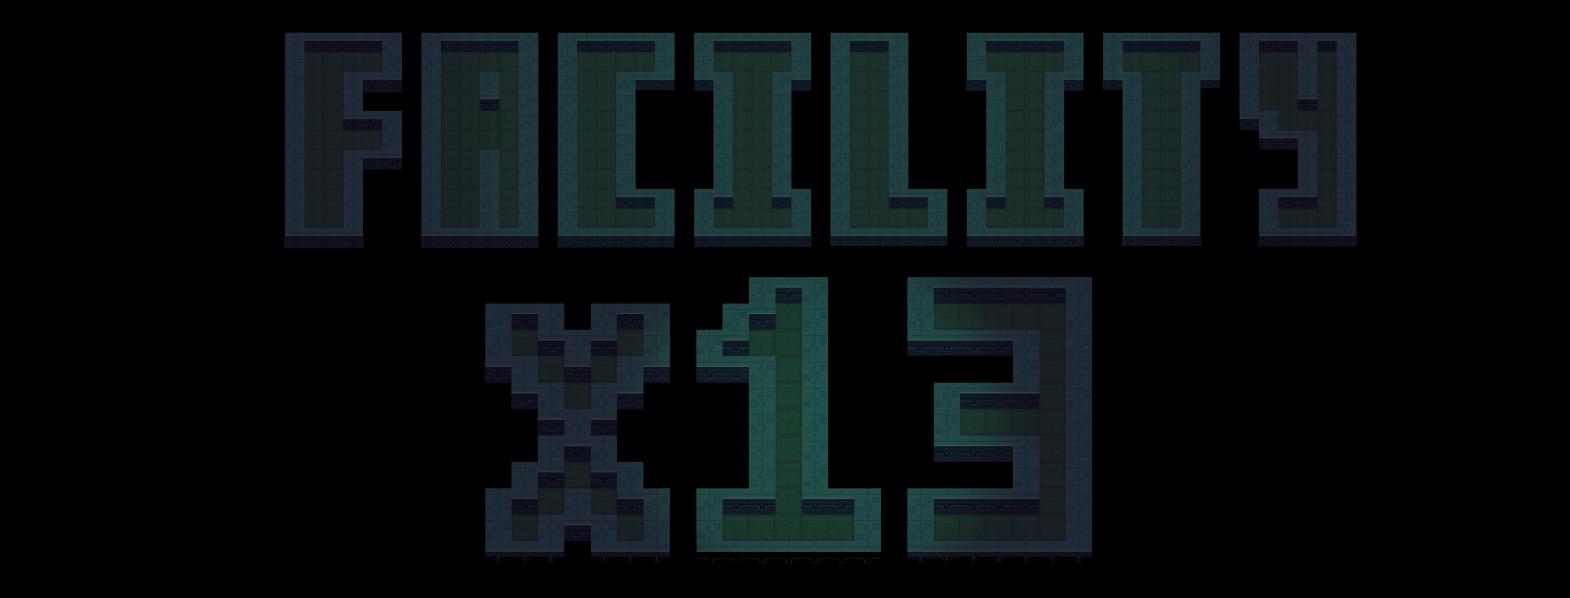 FACILITY-X13